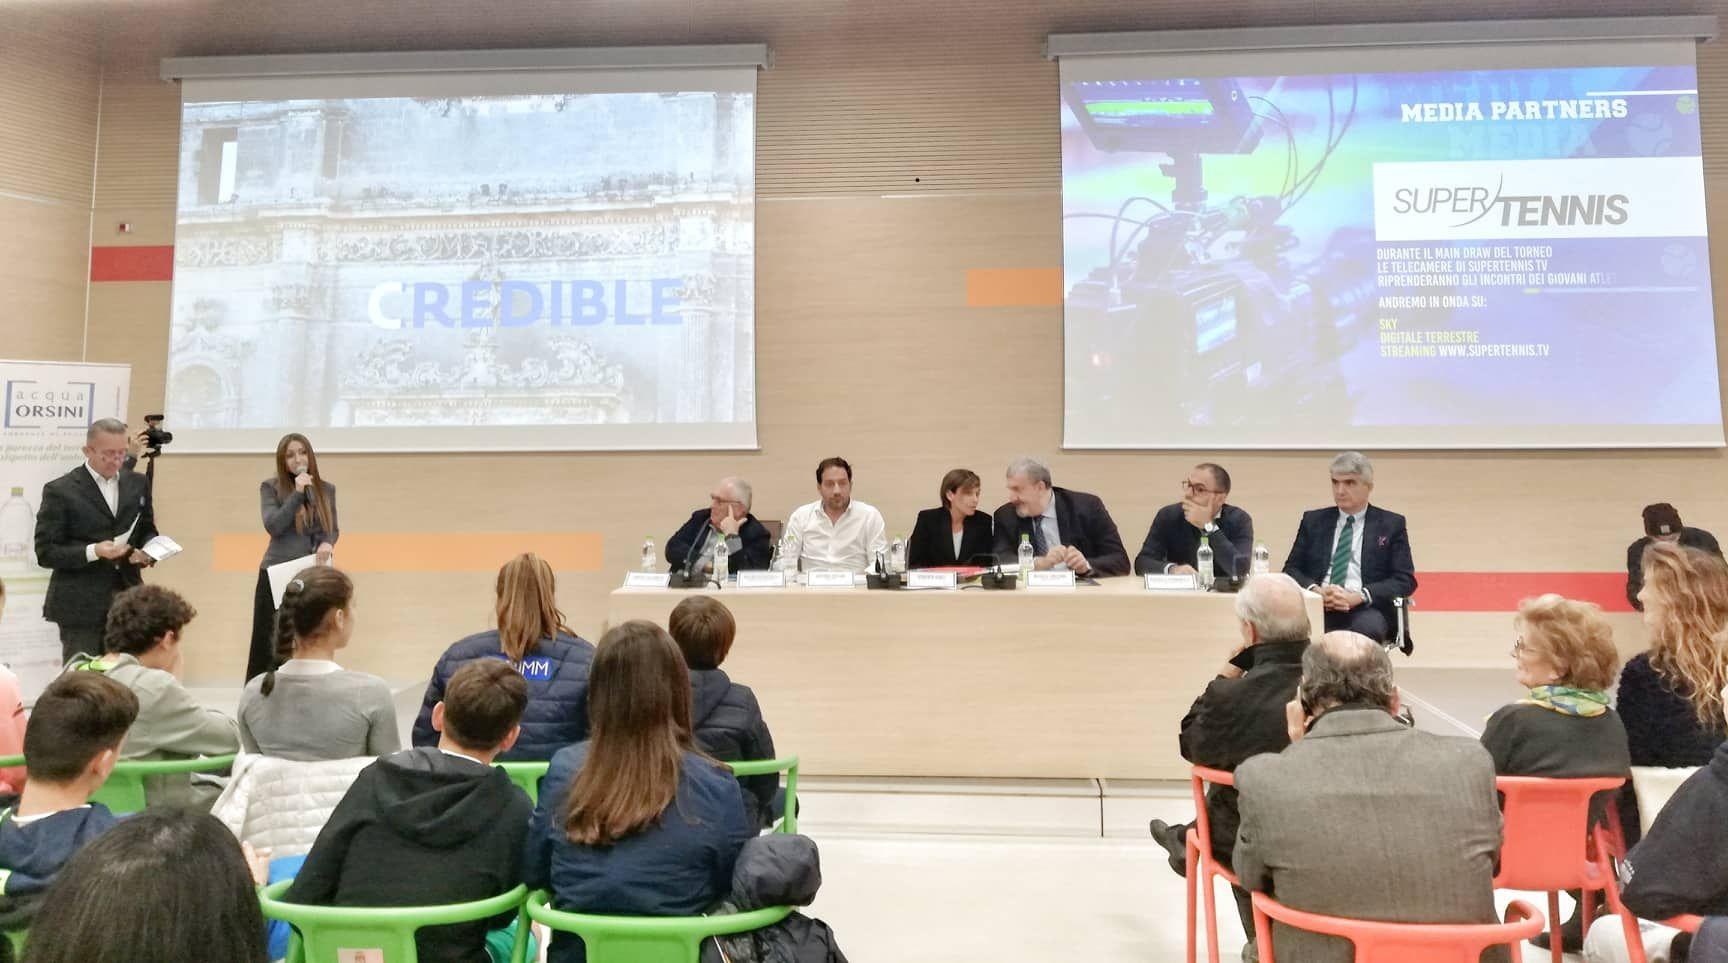 """Nicolaus Cup Under 12  Tennis Europe International Bari: La conferenza stampa. Roberta Vinci """"Non è importate vincere, cercate di prendere il positivo da questa esperienza e di dare sempre il massimo"""""""